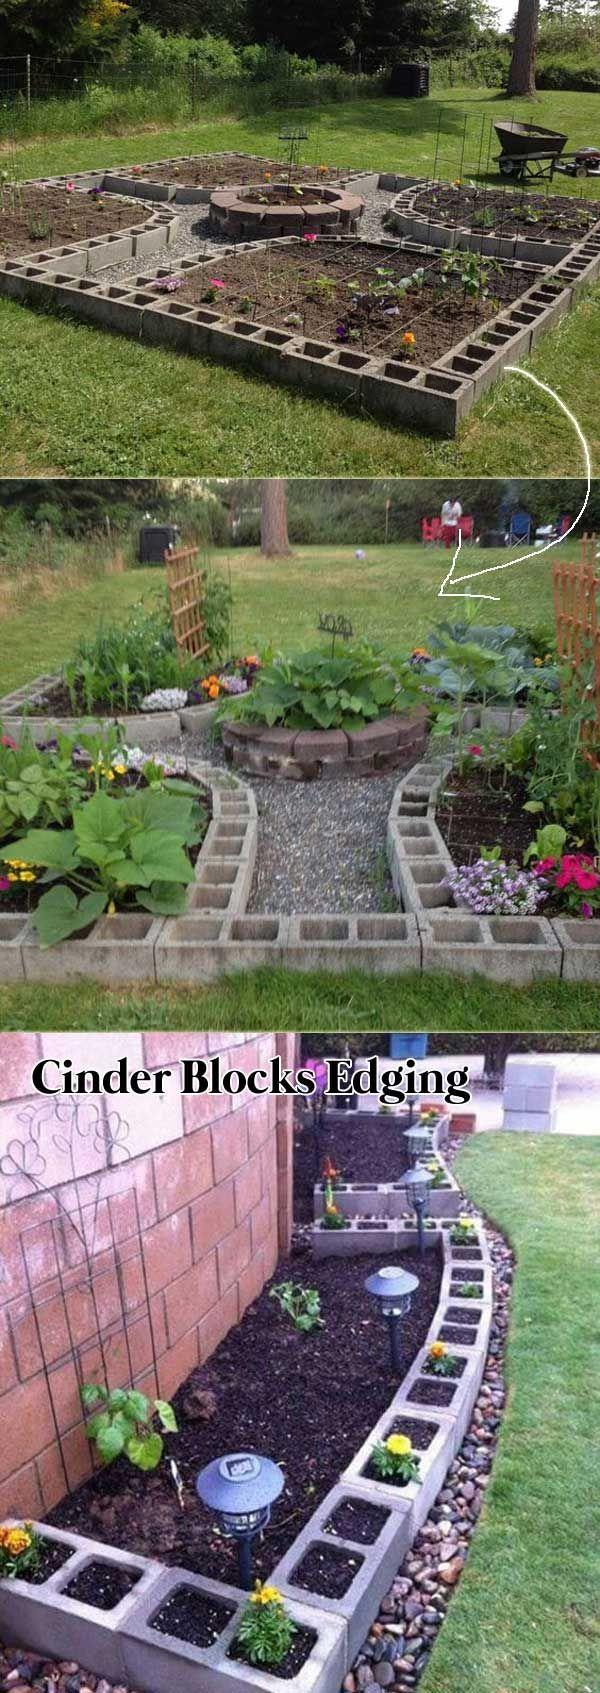 Line Your Garden Beds with Cinder Blocks  #raisedgarden #gardenbed #gardenedging #Gardendesign